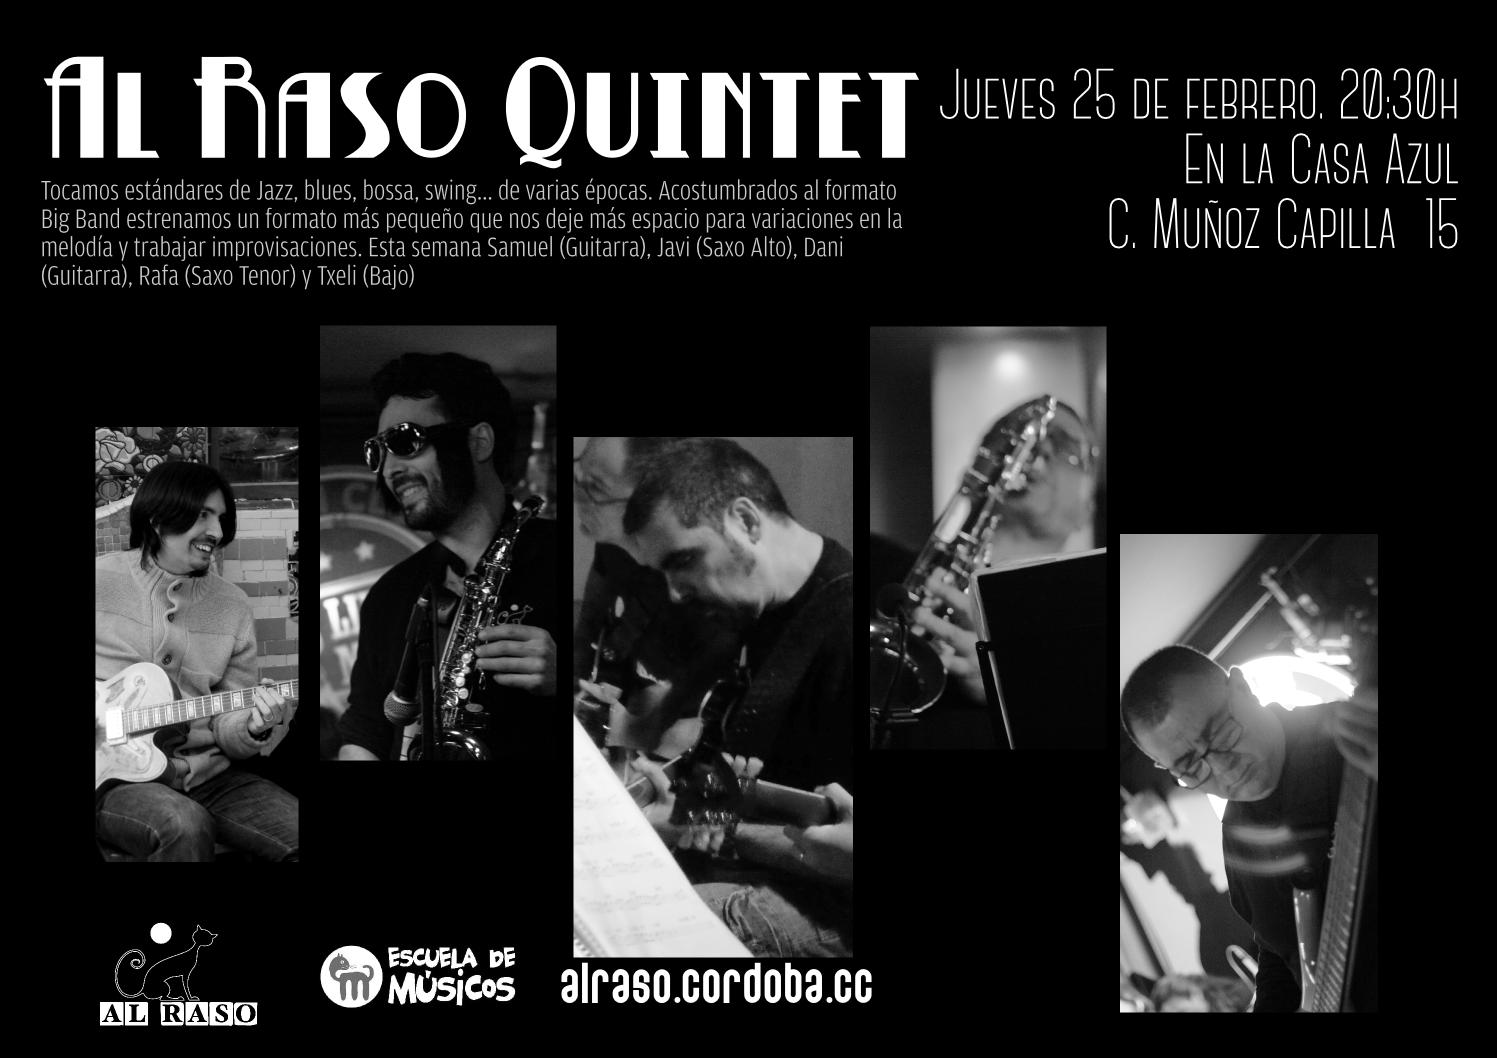 Concierto Al Raso Quintet el 15 de febrero a las 20:30